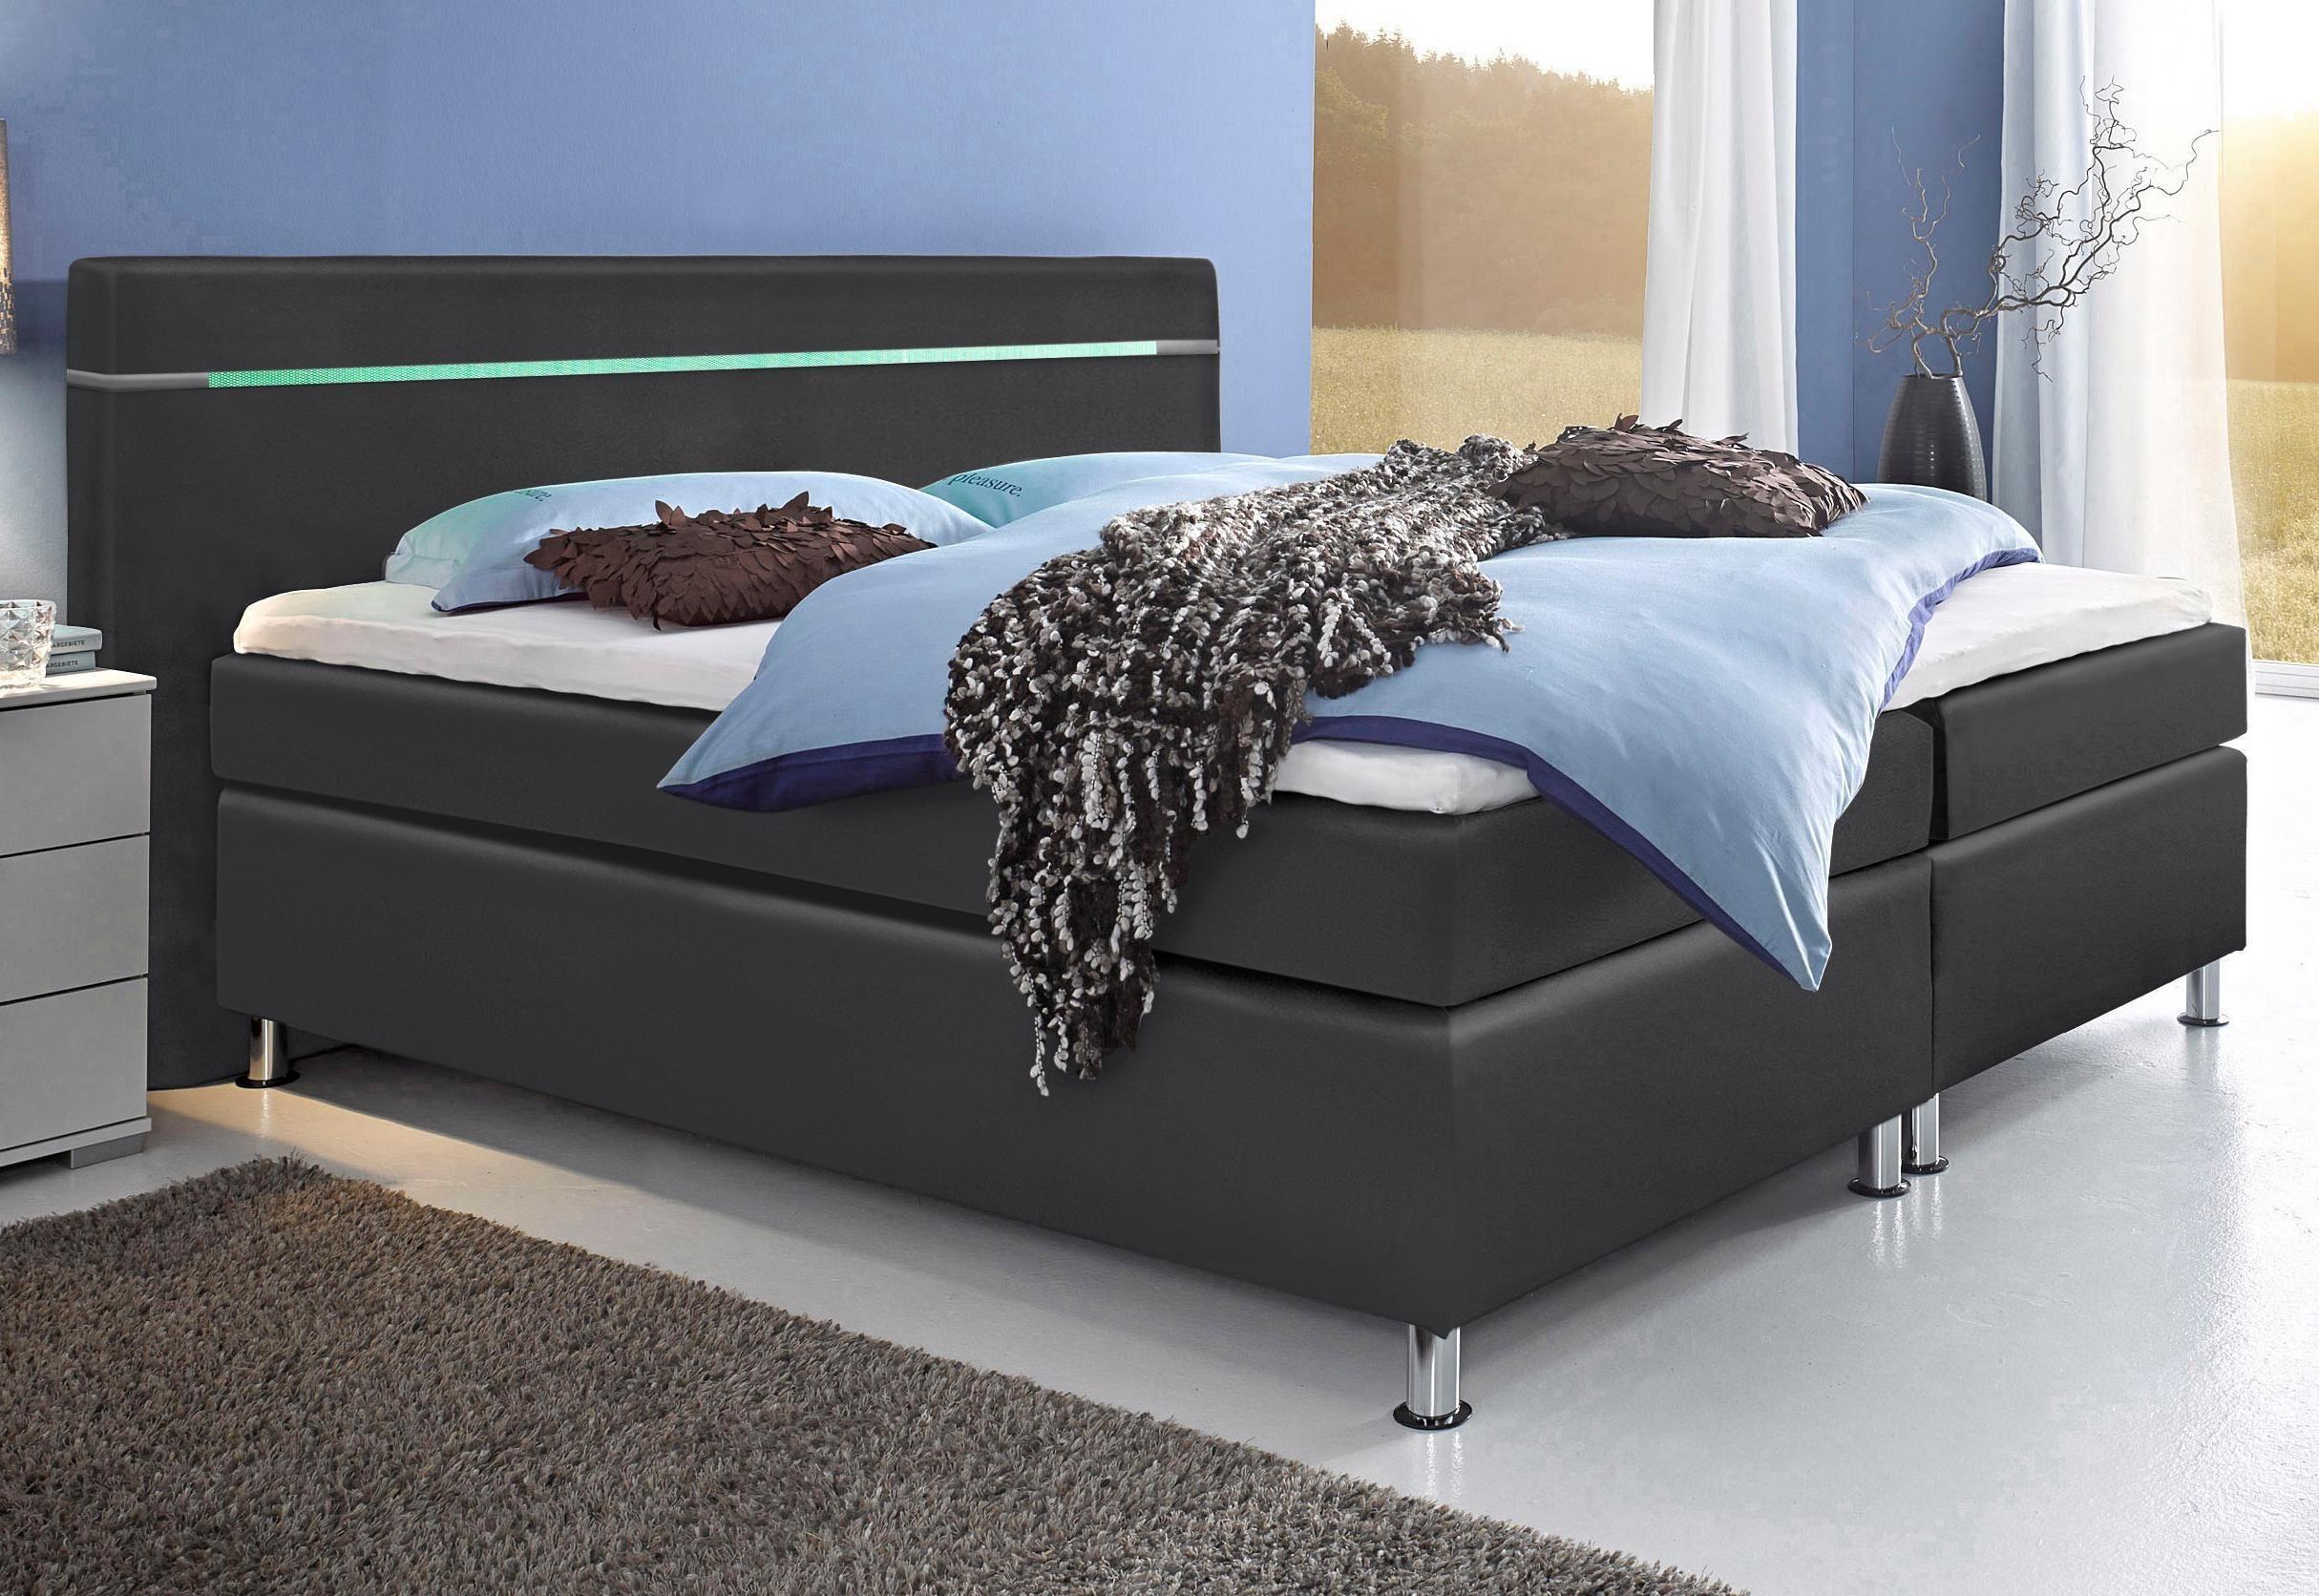 hapo Boxspringbett mit LED-RGB-Beleuchtung | Schlafzimmer | Schwarz - Anthrazit | Stoff - Polyester | hapo